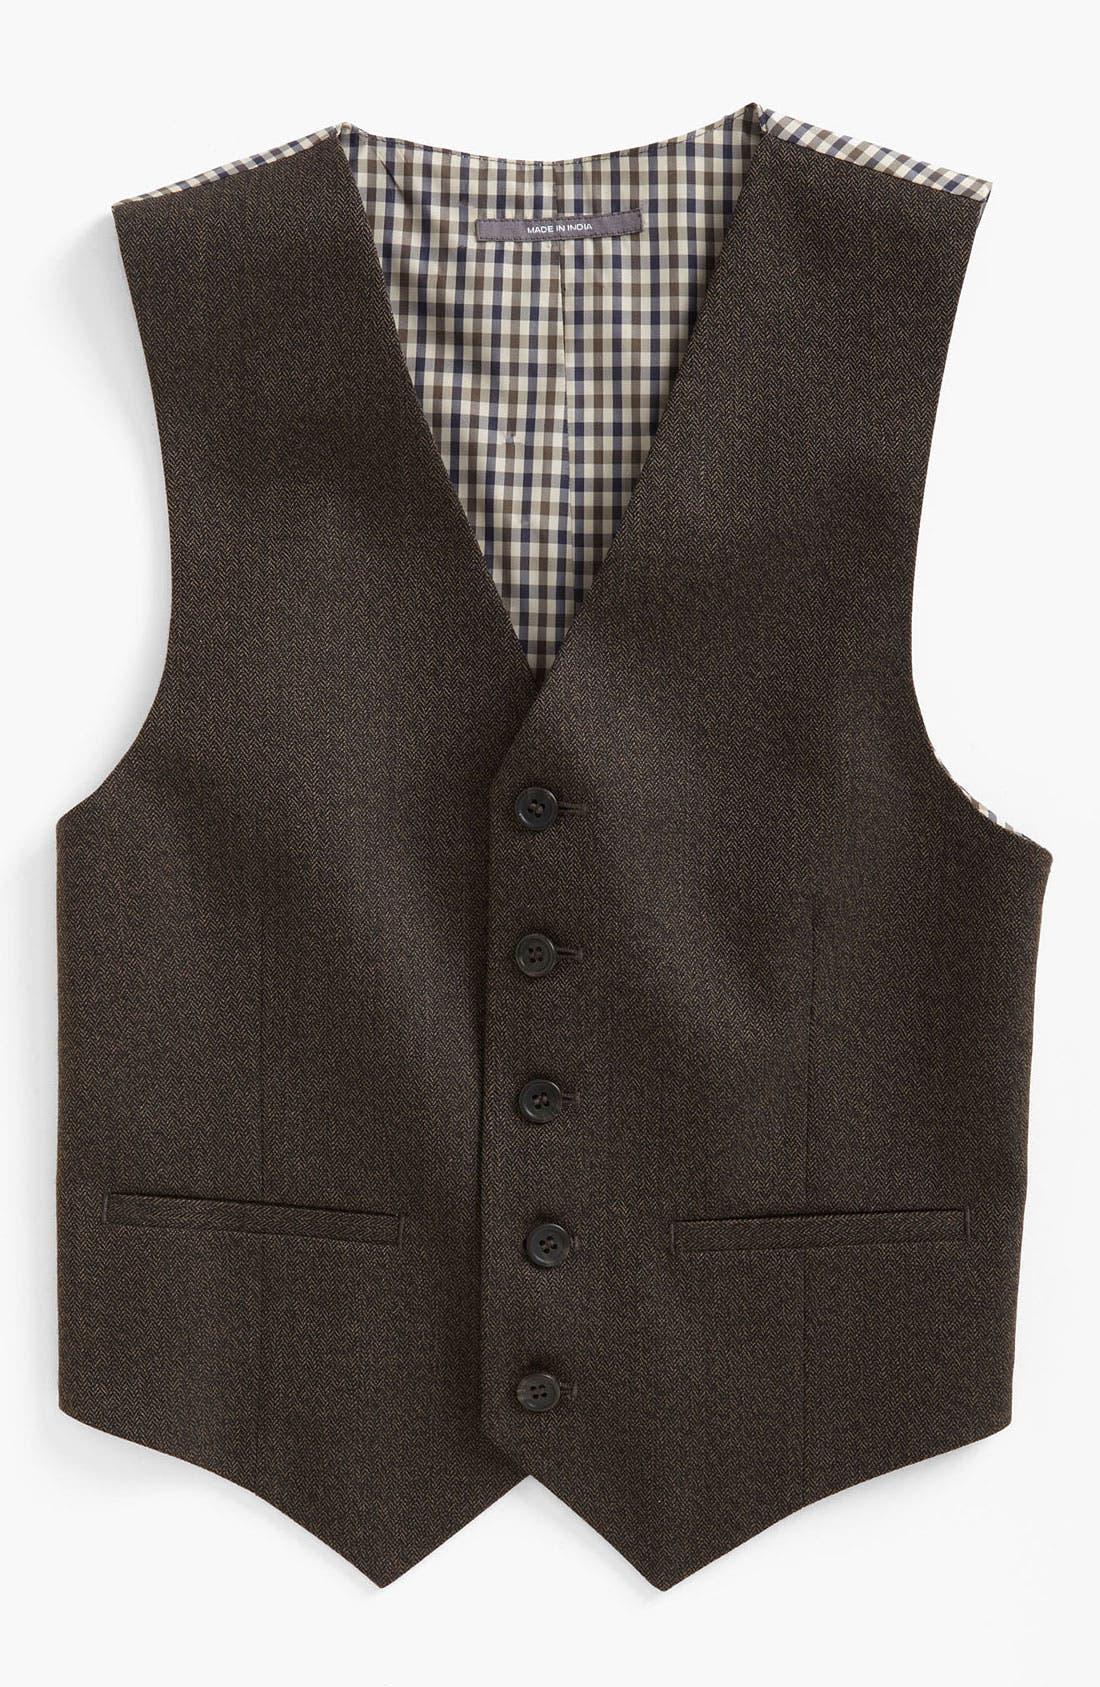 Alternate Image 1 Selected - Nordstrom 'Andrew' Herringbone Vest (Little Boys)